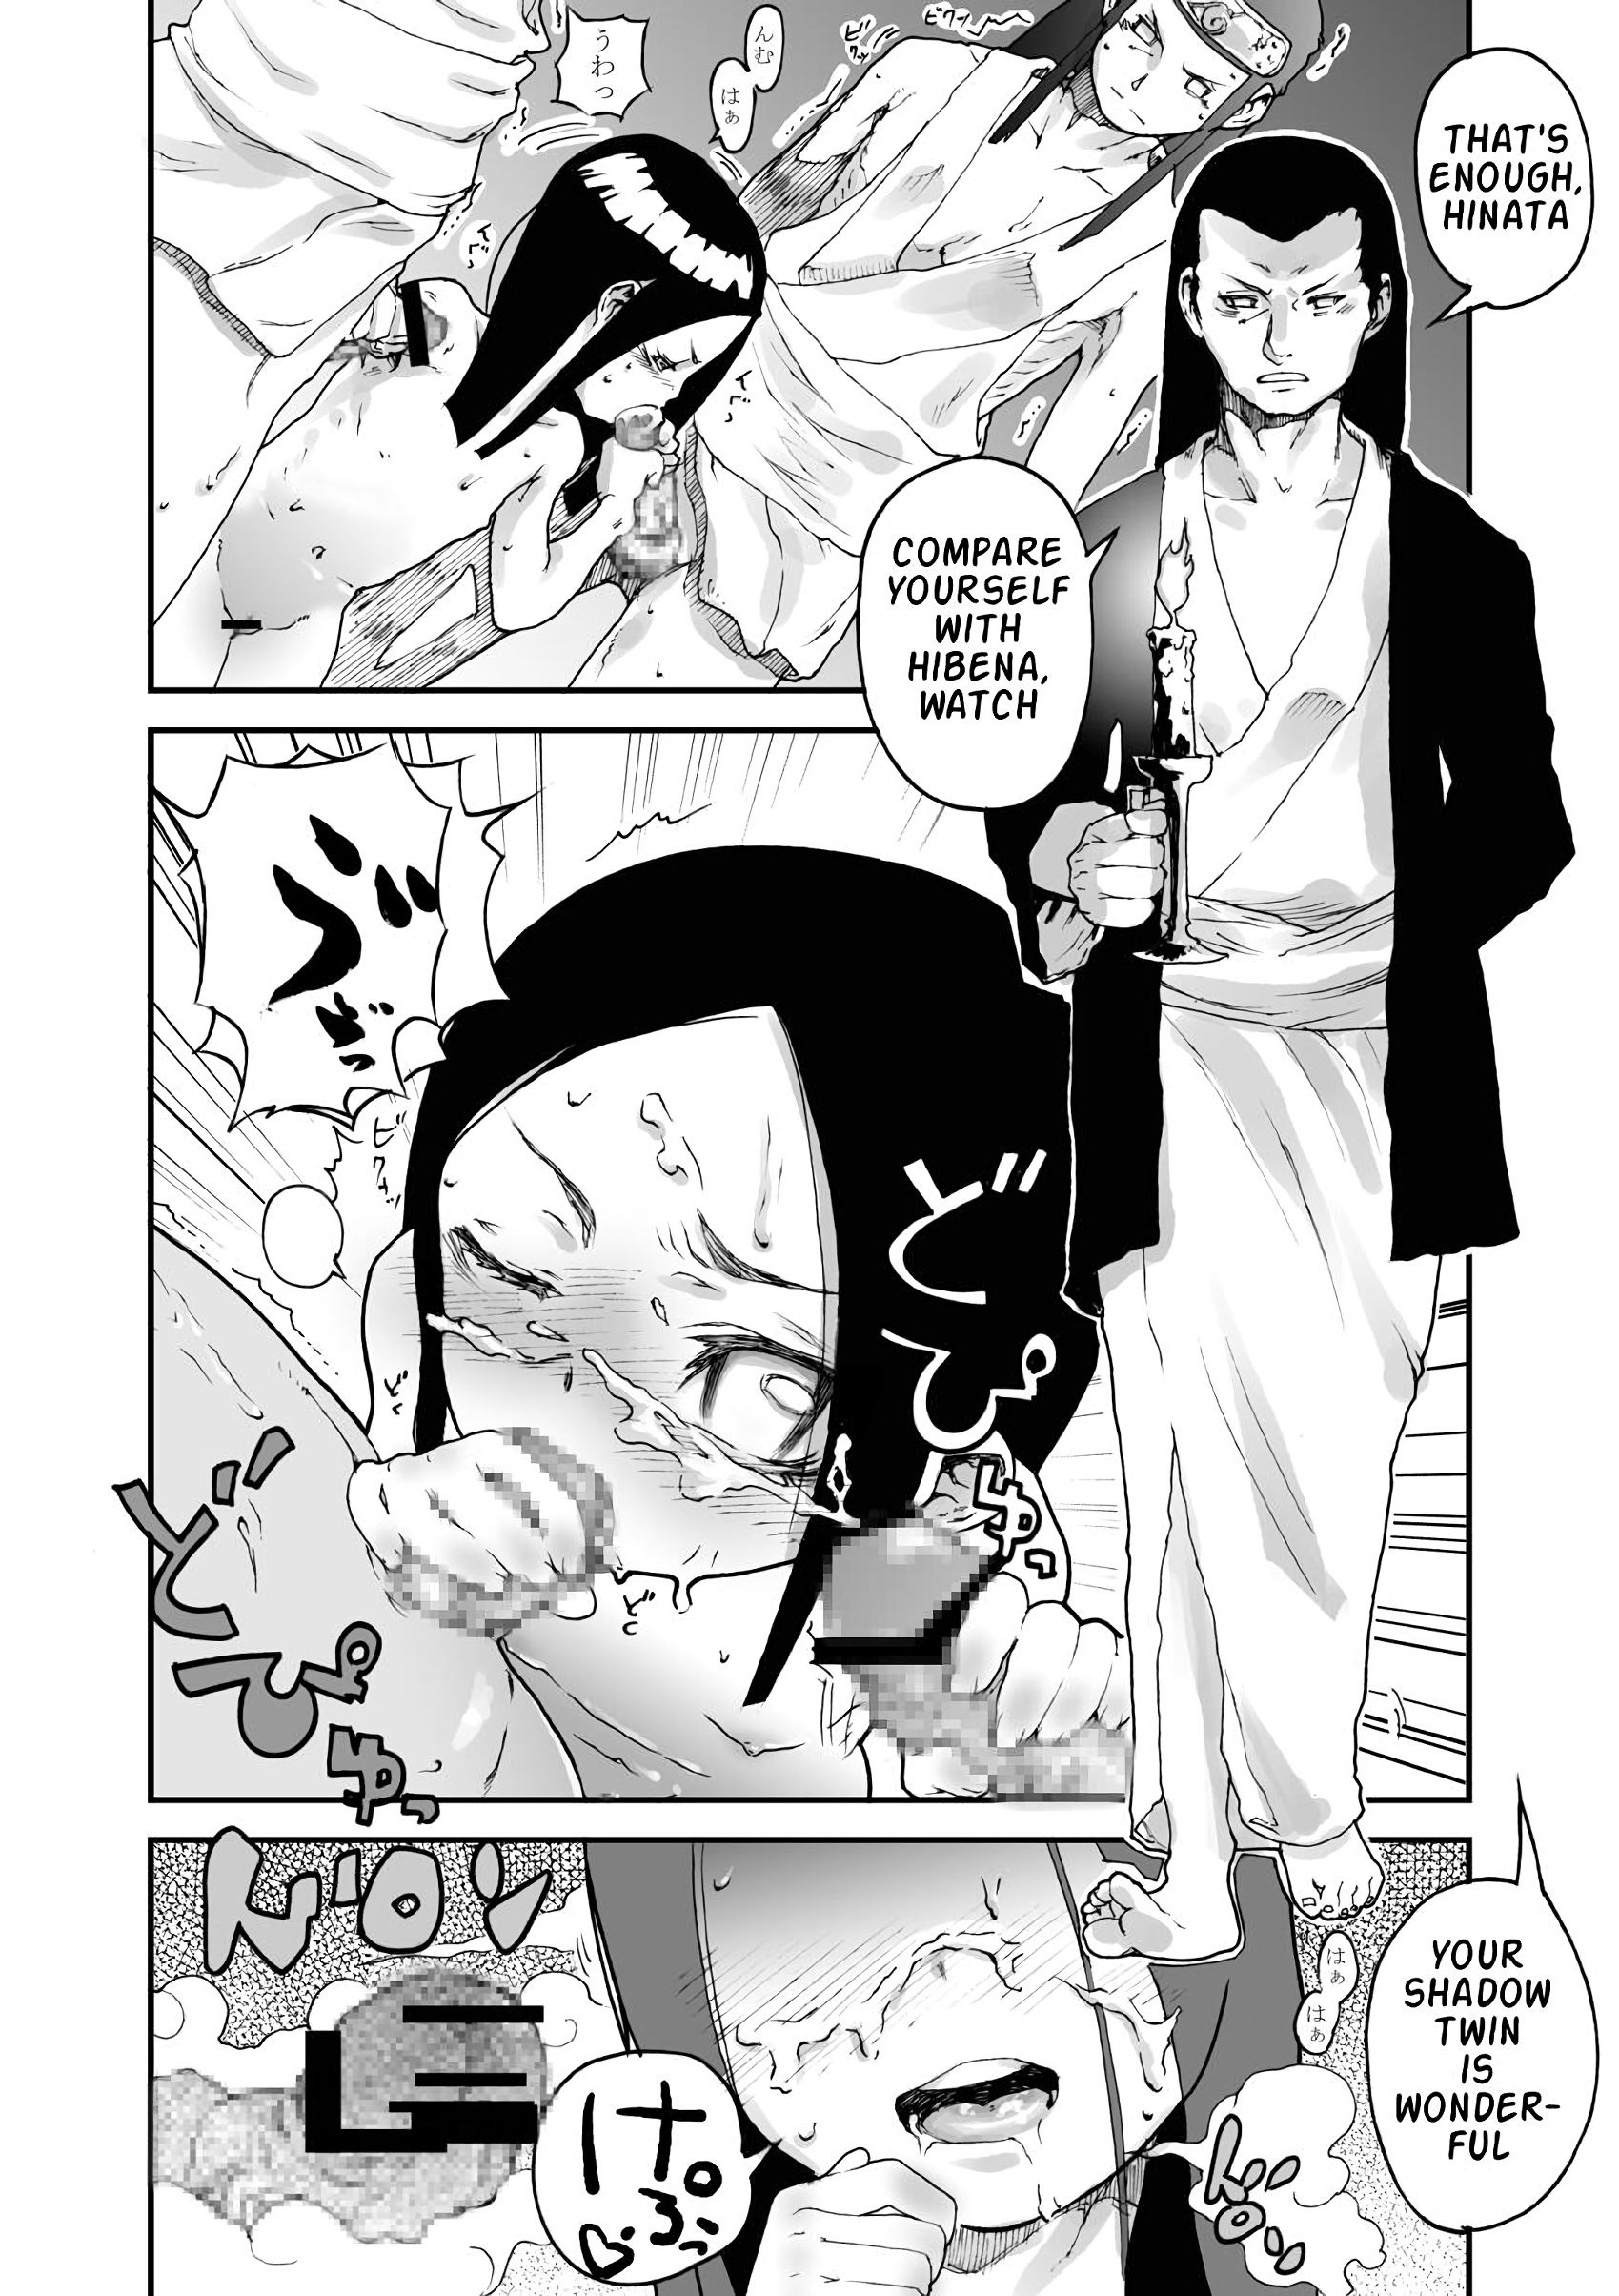 Konohas charm hentai manga picture 5